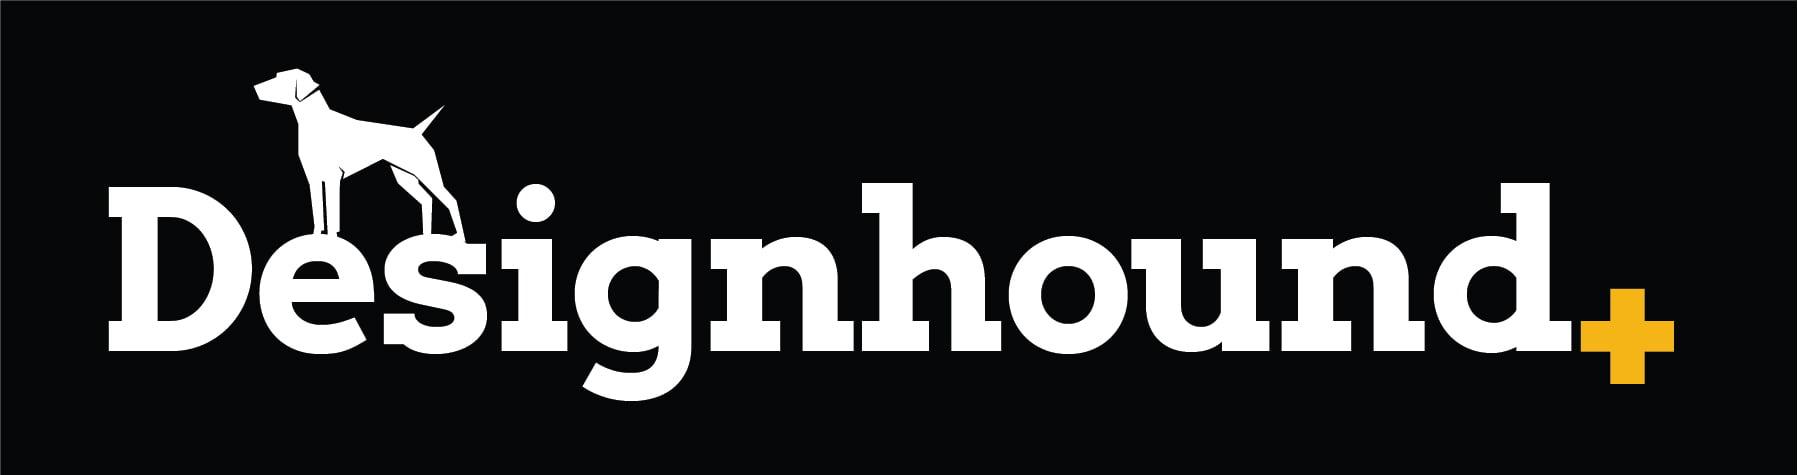 Designhound Logo Horizontal